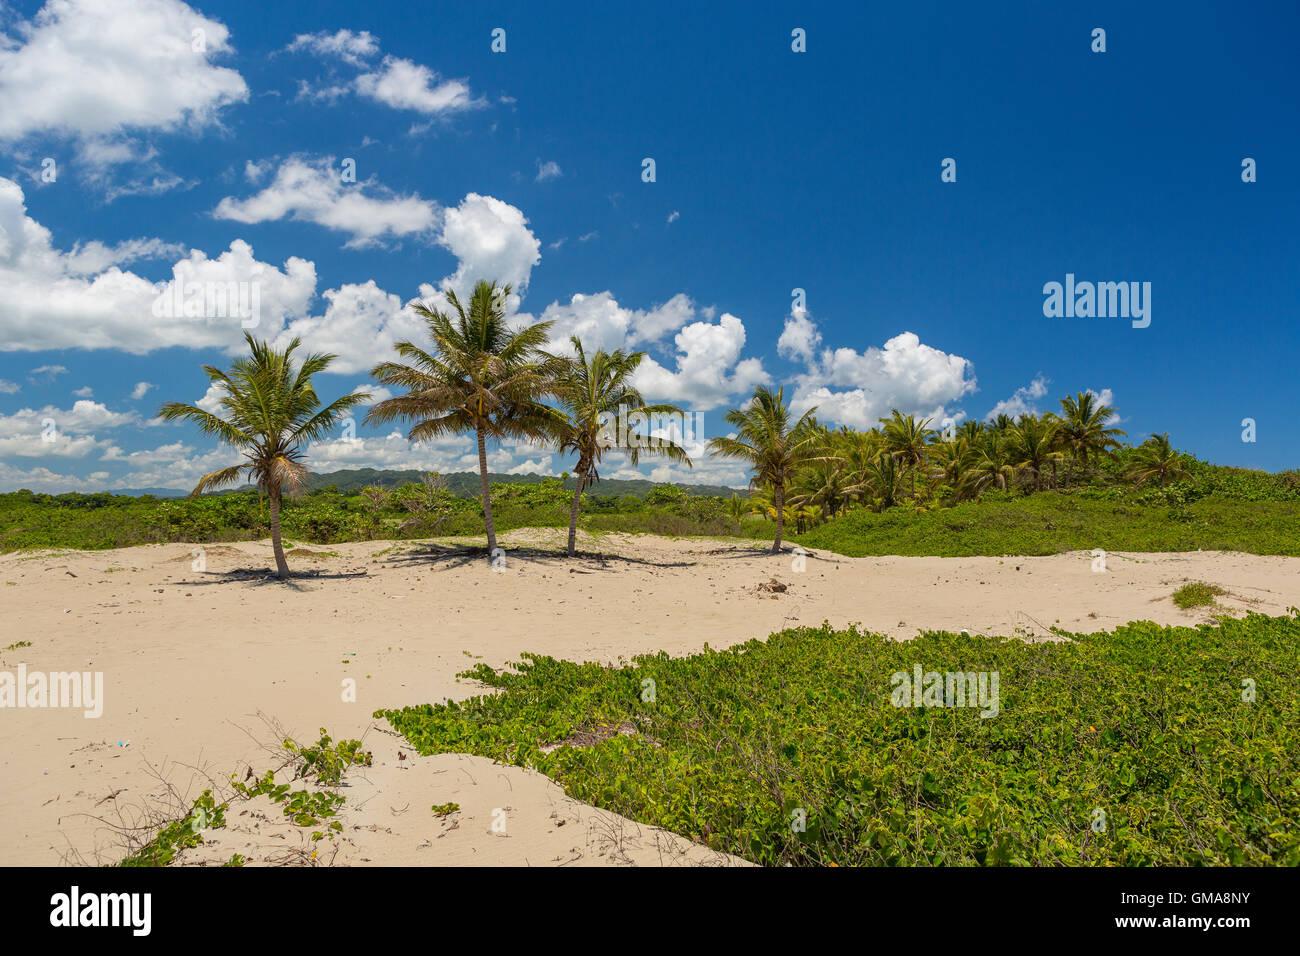 República Dominicana - paisaje de playa con palmeras en la desembocadura del río Yasica, cerca de Cabarete. Imagen De Stock